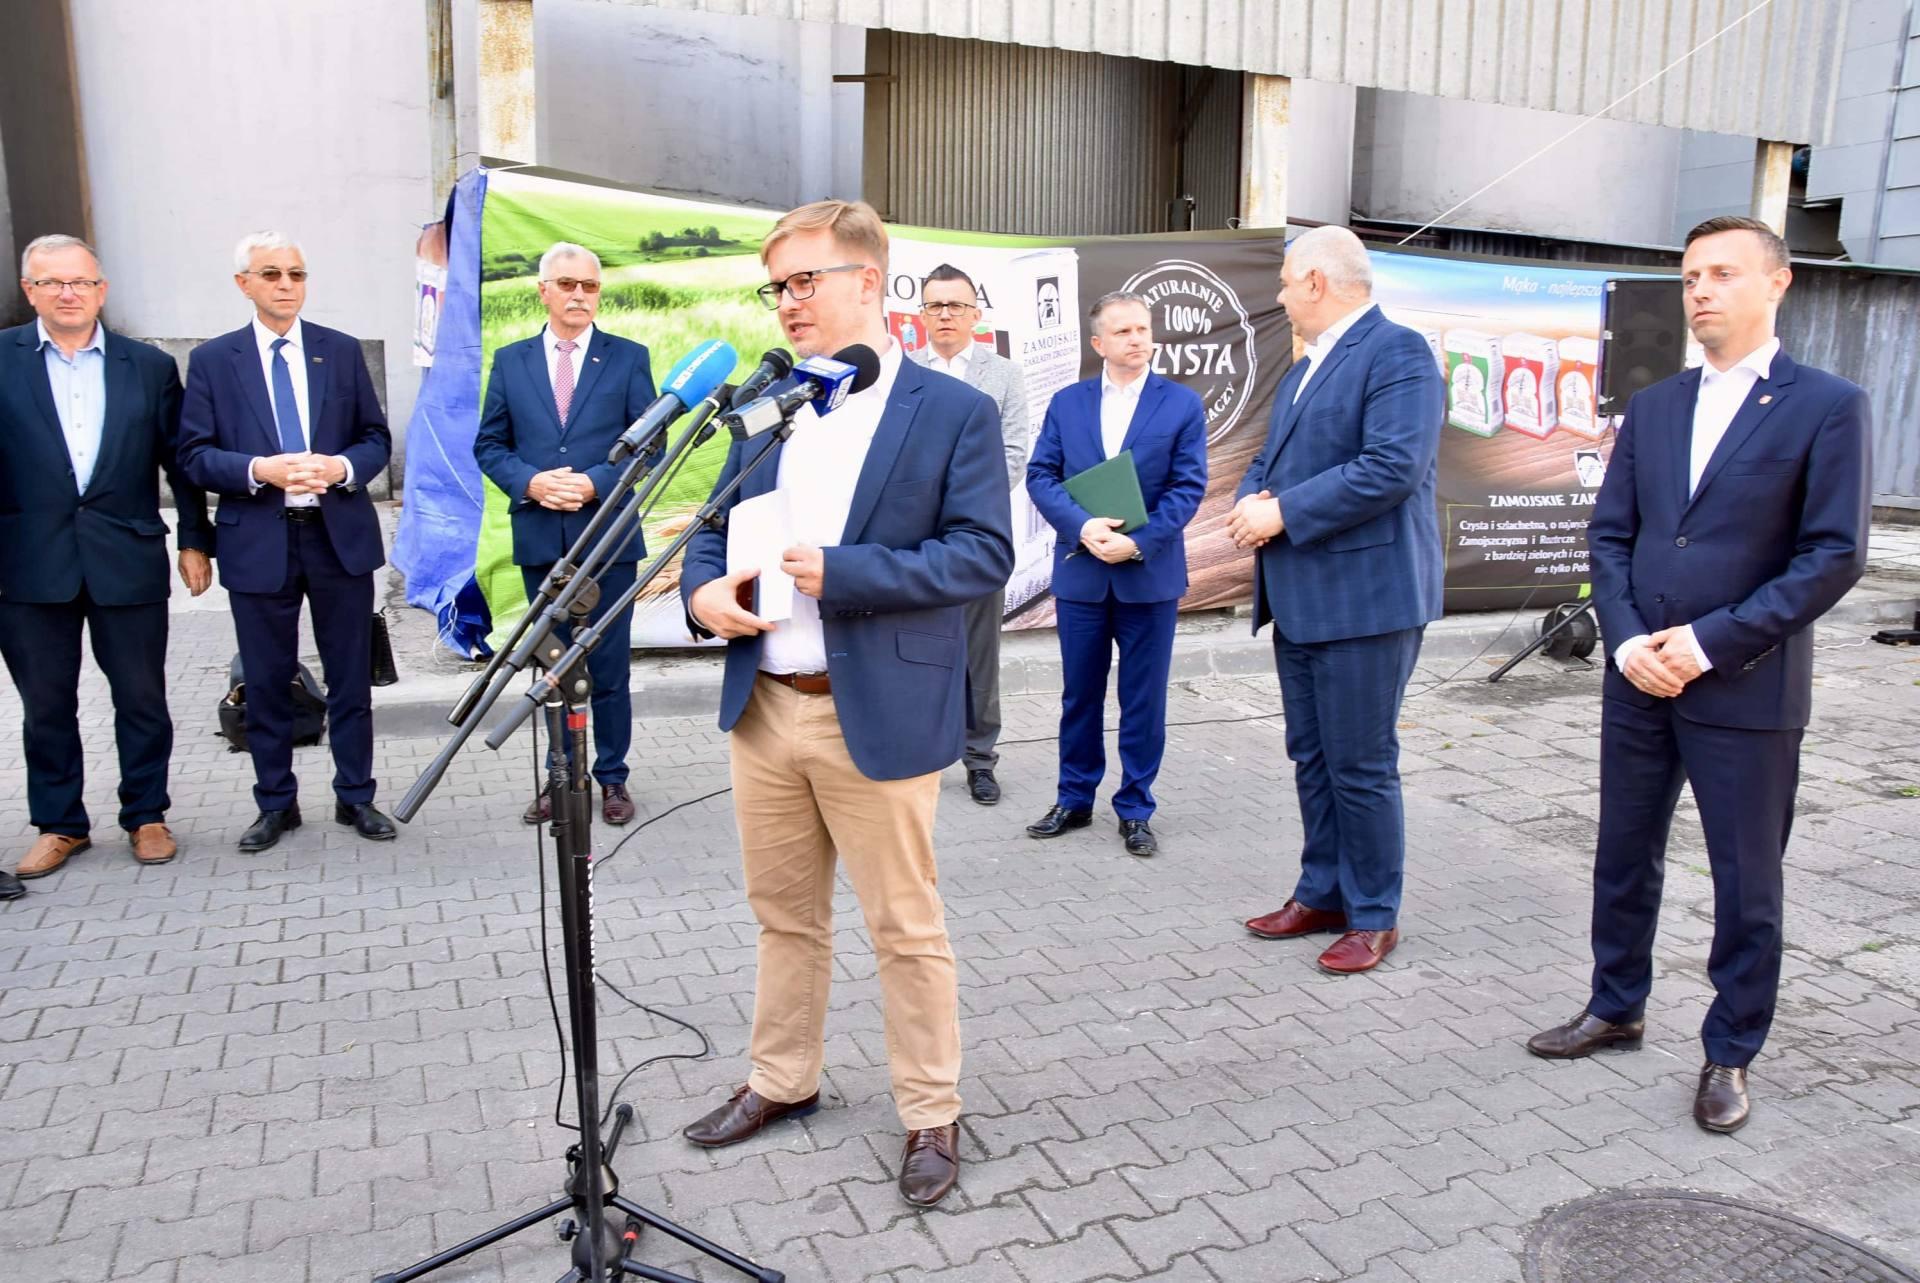 dsc 8072 Wicepremier Jacek Sasin zapowiedział modernizację Zamojskich Zakładów Zbożowych